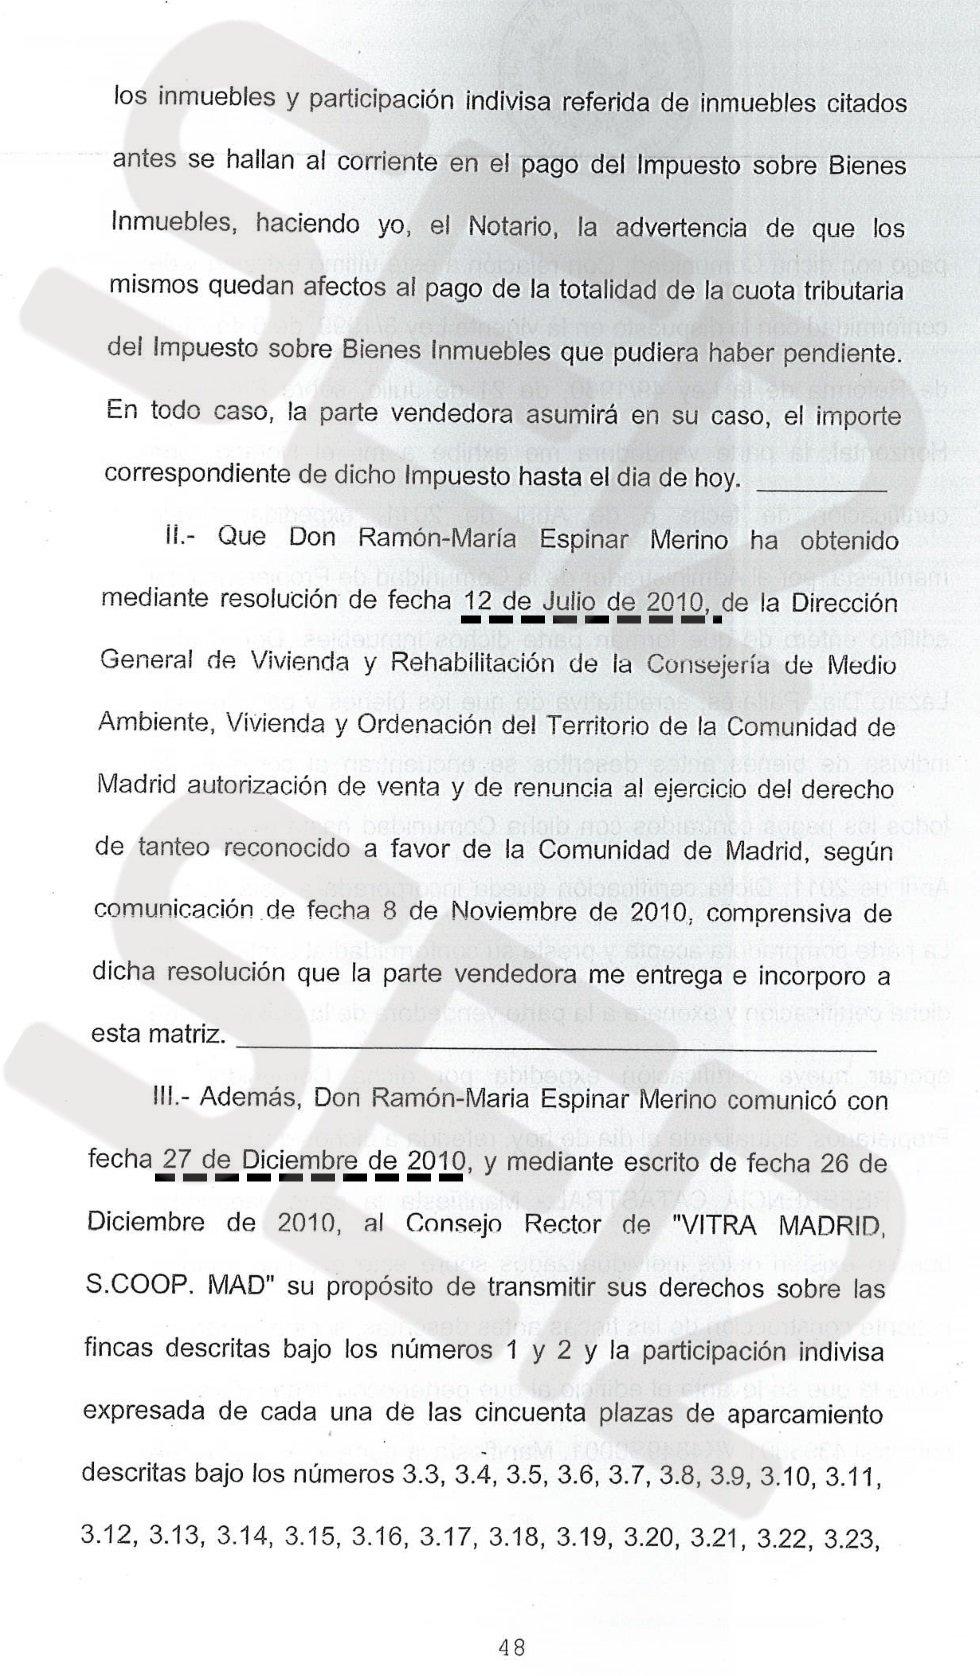 De acuerdo con la información registral, Espinar logró permiso de la Comunidad de Madrid la autorización para vender la casa el 12 de junio de 2010, solo tres meses después de la compra.